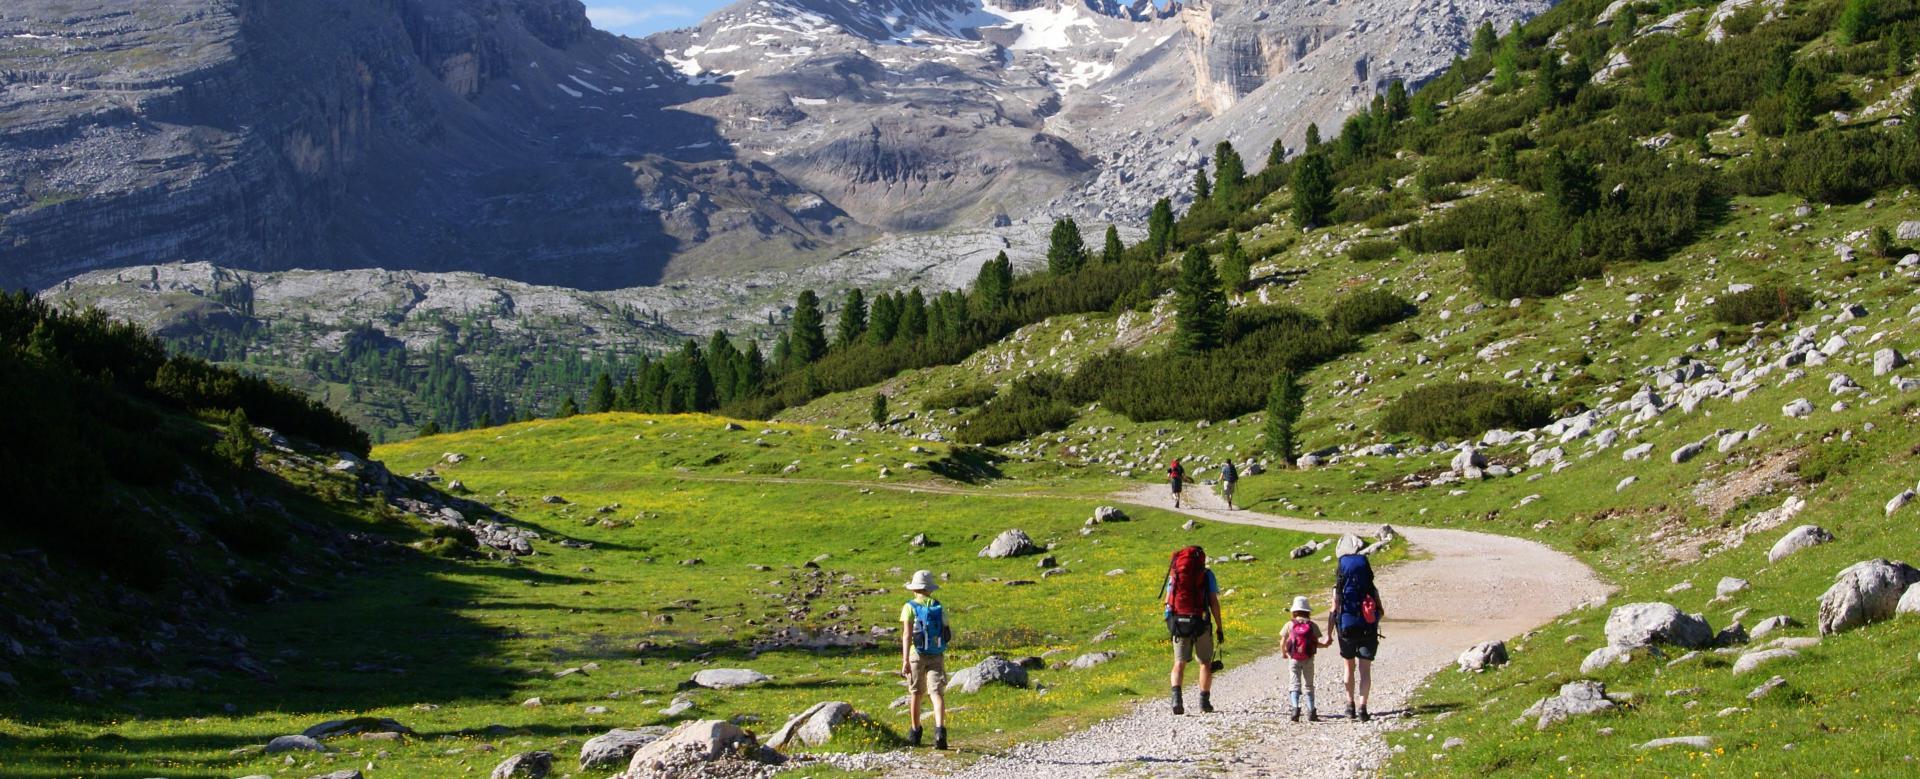 Voyage à pied Italie : Les petits montagnards des dolomites